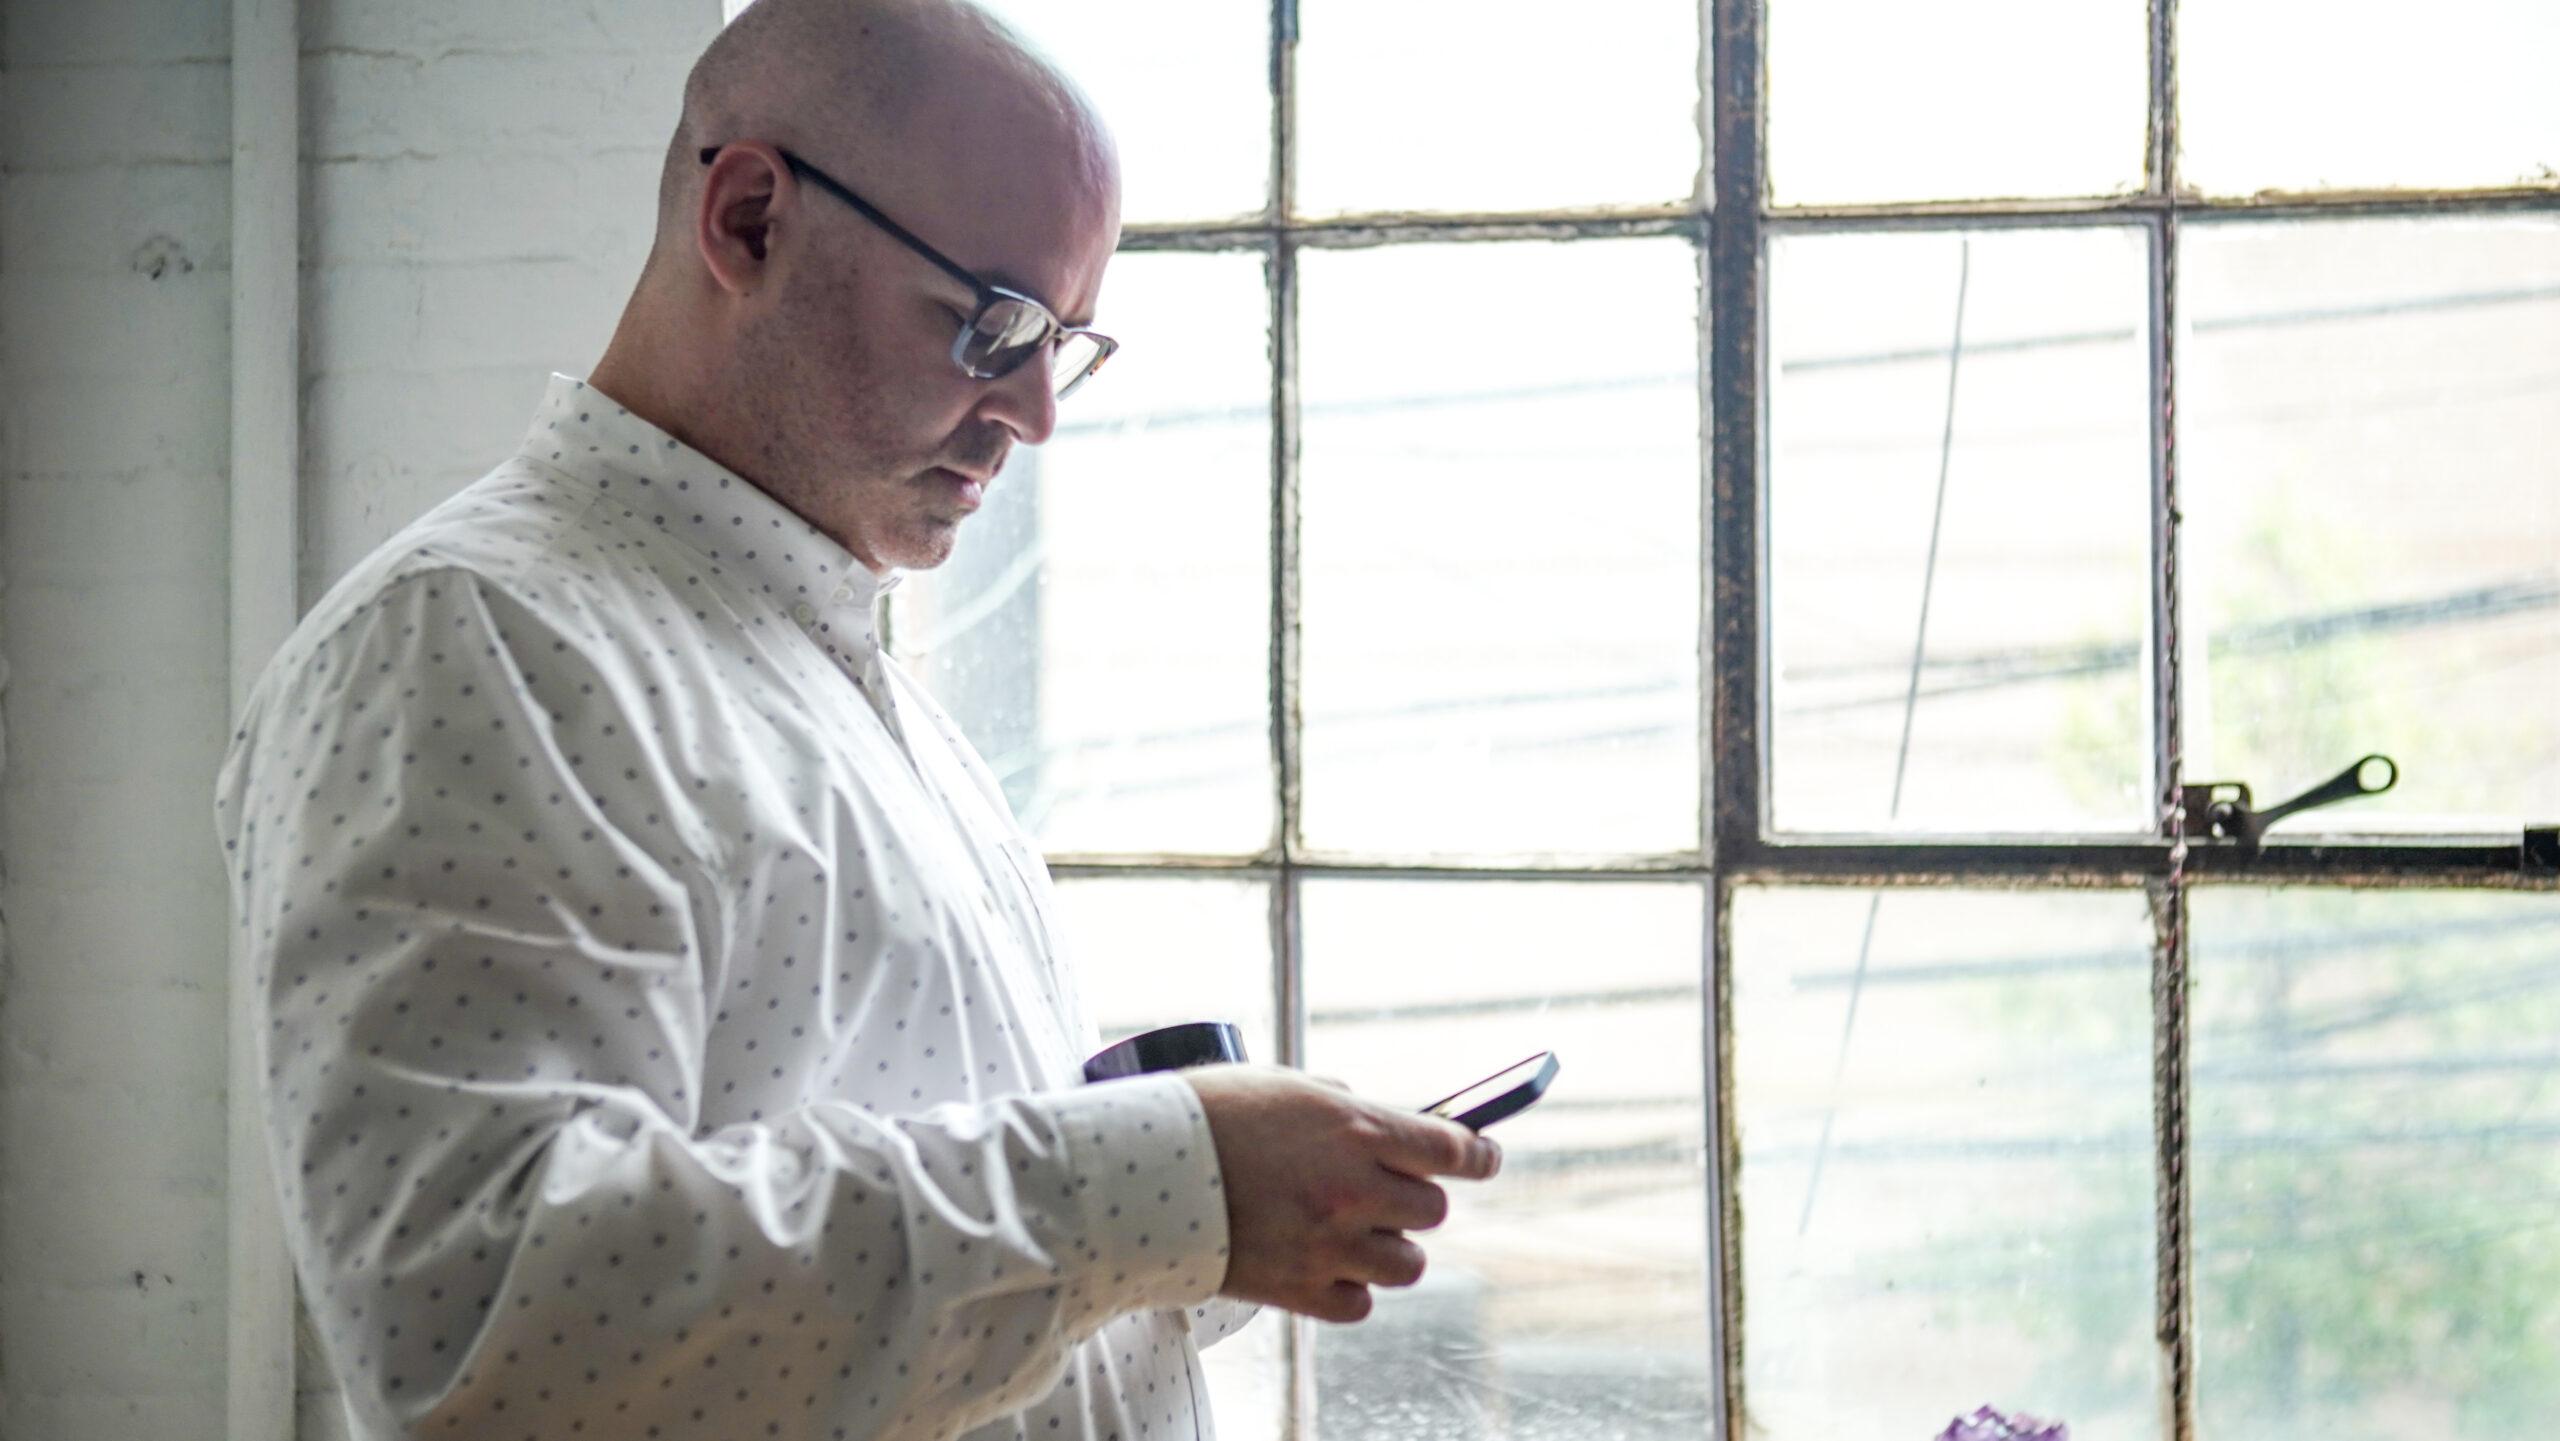 Jay Mandel looking at phone